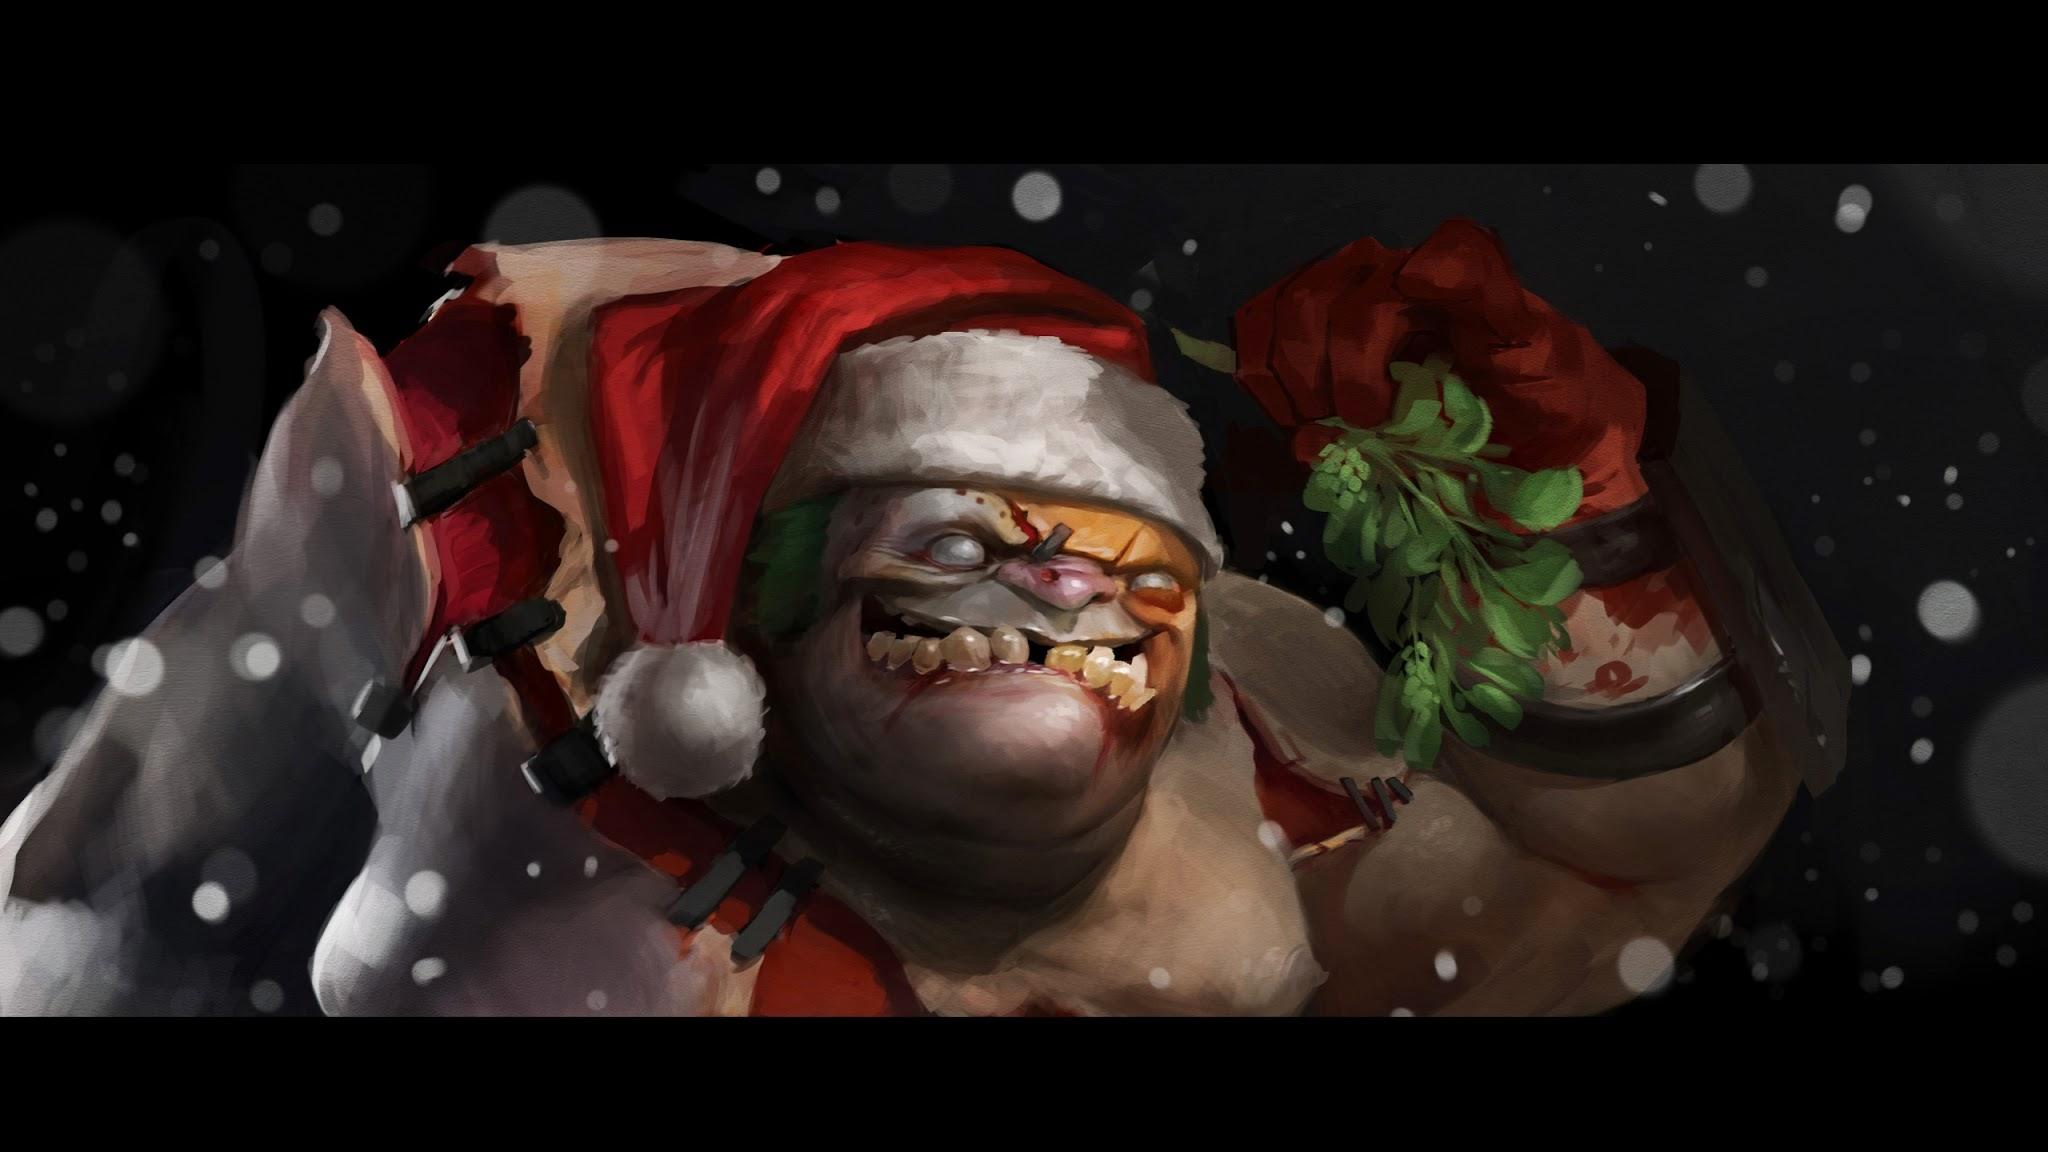 dota-2-christmas-pudge-wallpaper404.com-